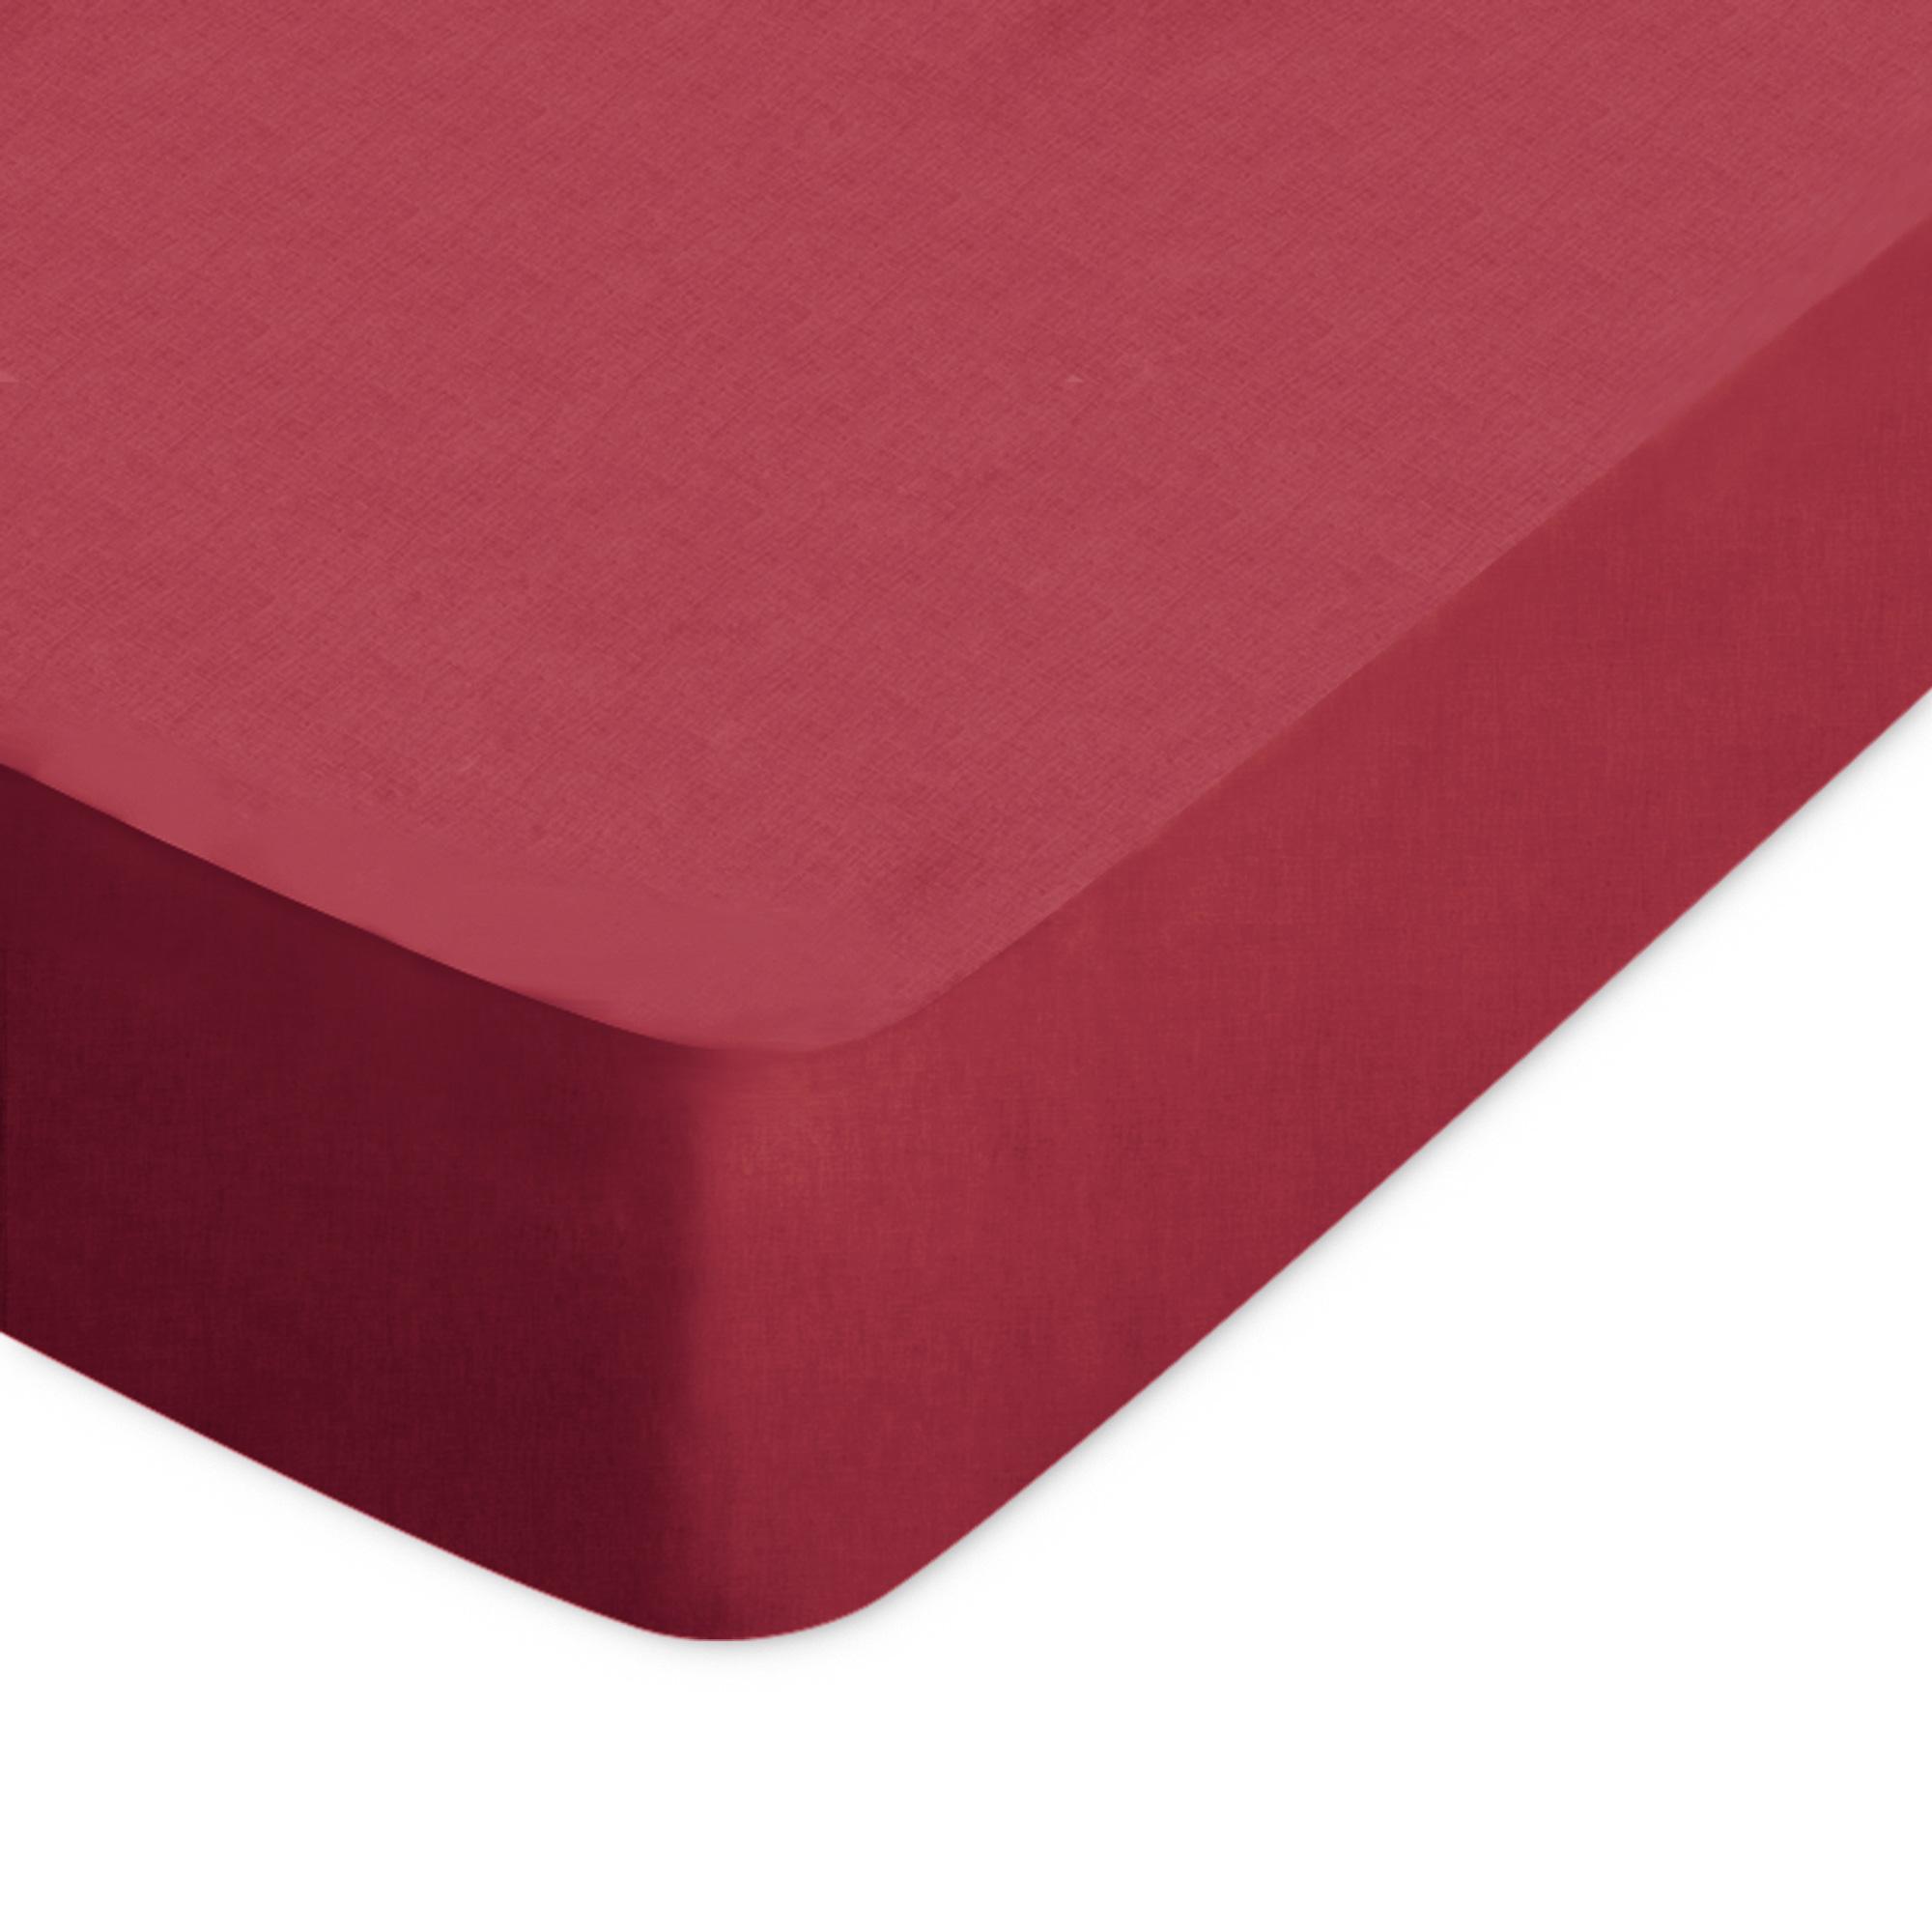 drap housse 180x200cm uni pur coton alto rouge garance linnea linge de maison et. Black Bedroom Furniture Sets. Home Design Ideas